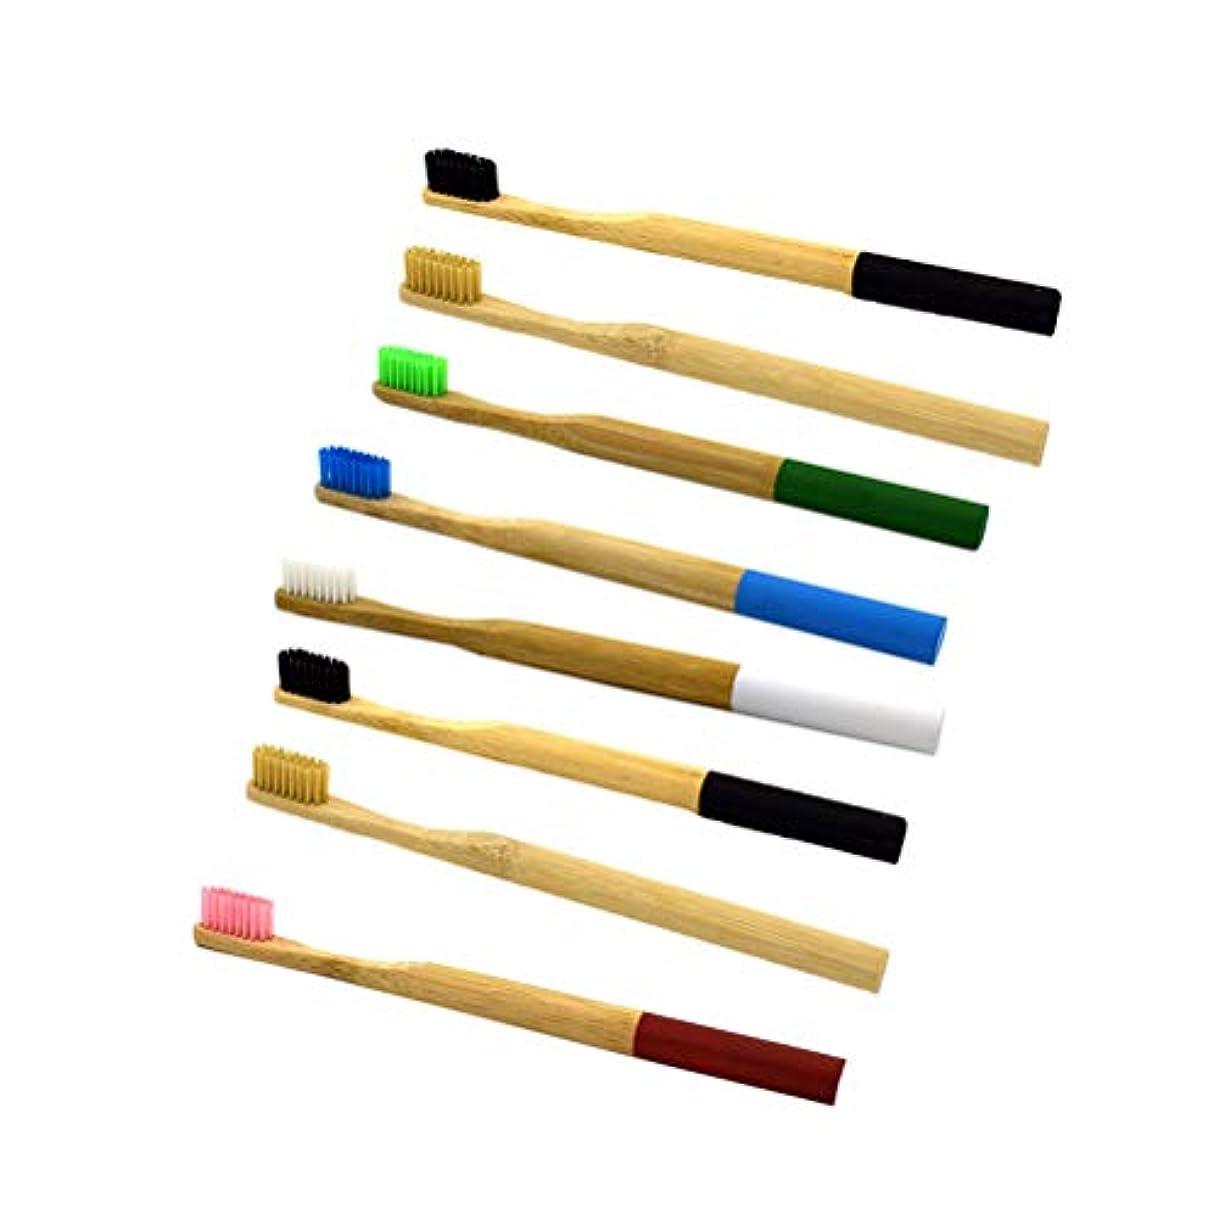 ブリードゲスト炭素Healifty 柔らかい環境に優しい歯ブラシ8本の天然竹製の歯ブラシ柔らかいエコフレンドリーなラウンドハンドルの歯ブラシと柔らかいナイロン剛毛(混合色)